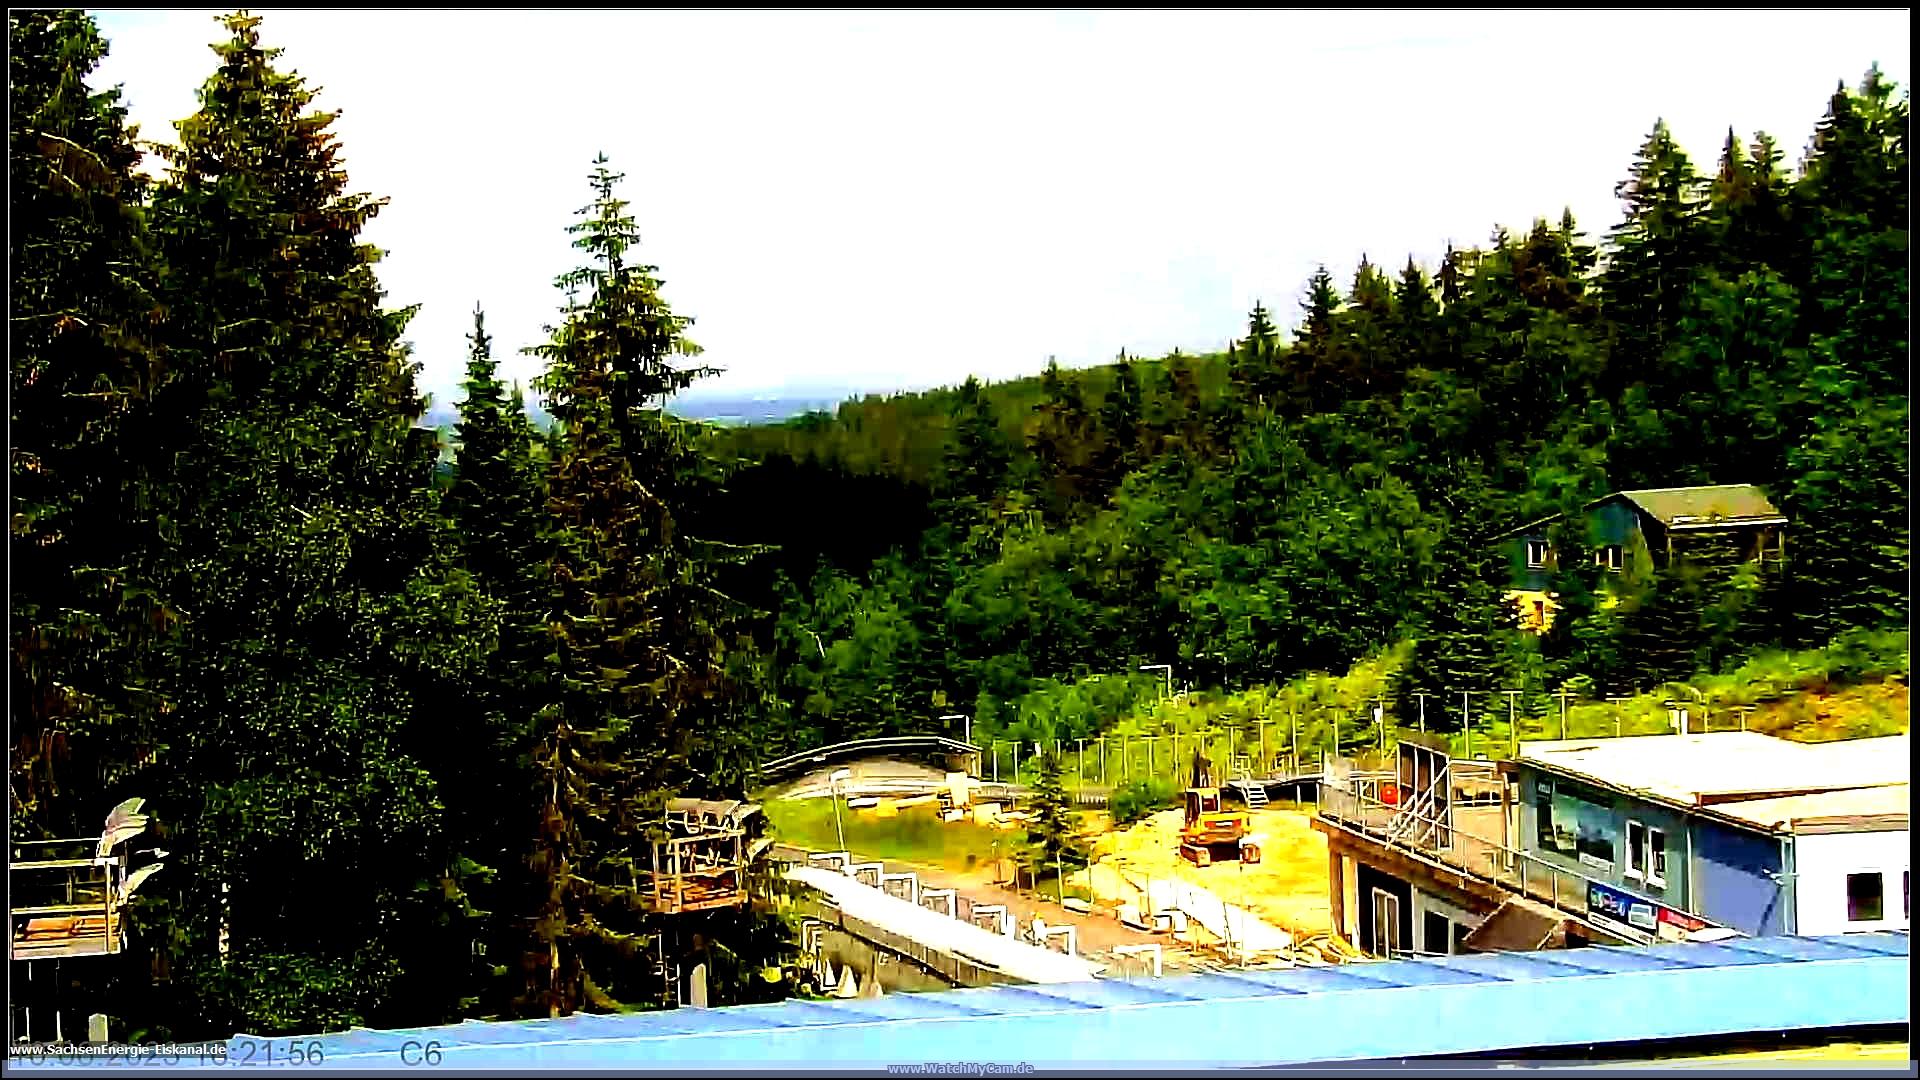 Altenberg Bobbahn